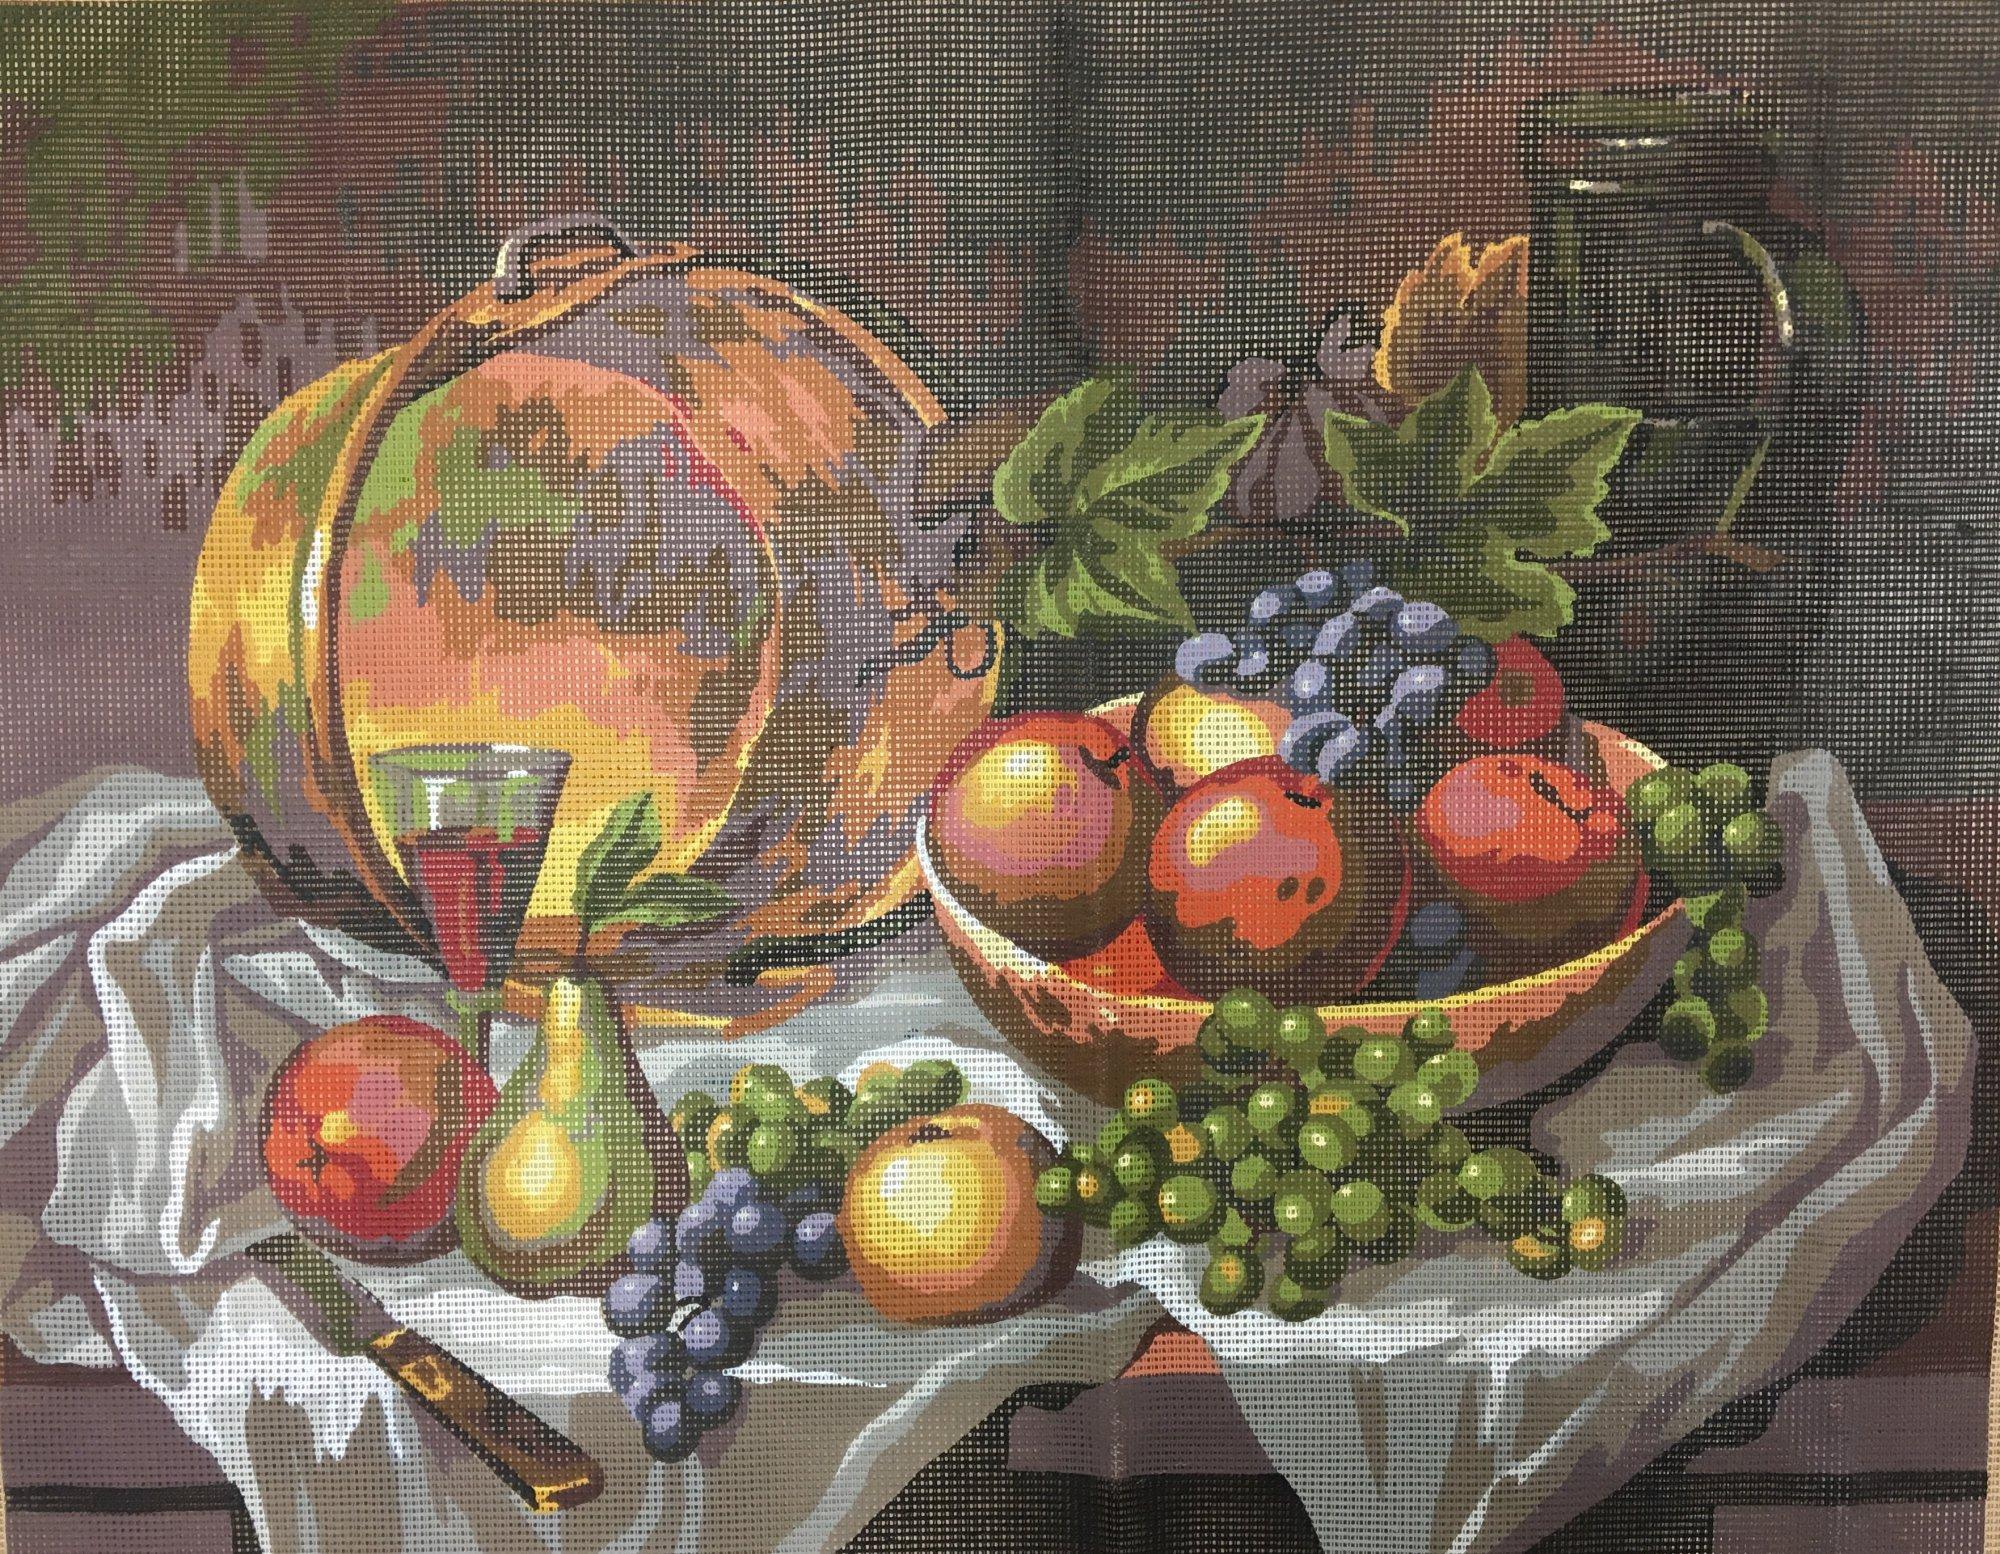 RP158001 Fruits d?Automne by Royal Paris